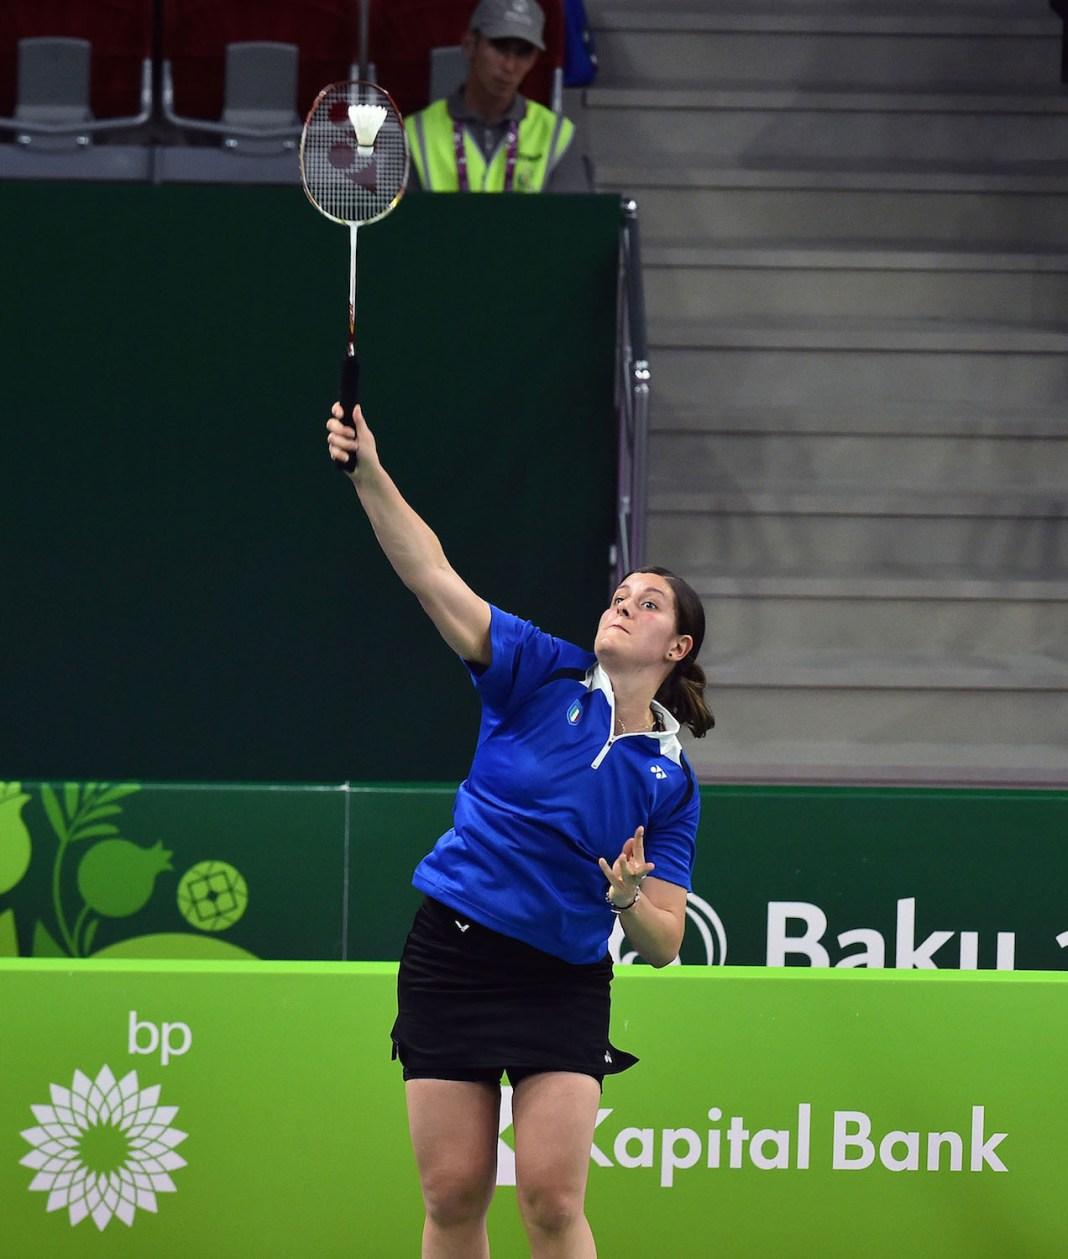 Baku - Azerbaigijan 22 giugno 2015 Giochi Europei Baku2015 Prima giornata di gare per il badminton italiano. foto di Ferdinando Mezzelani-gmt